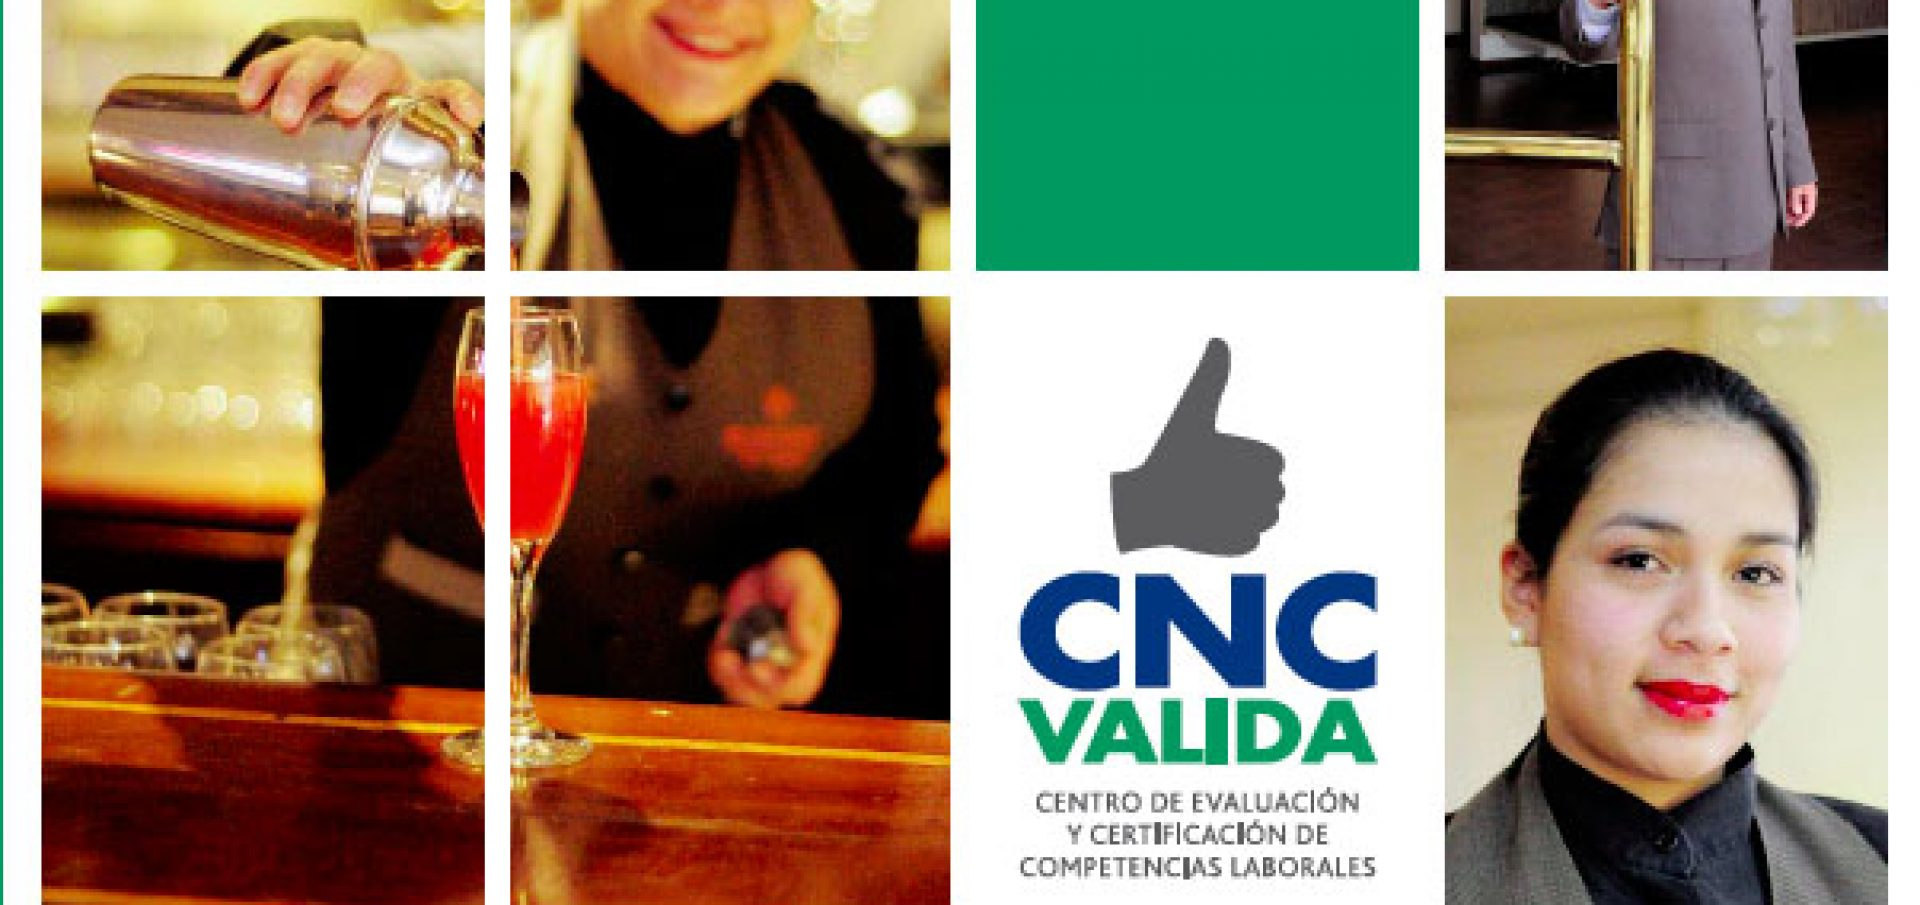 CNC VALIDA